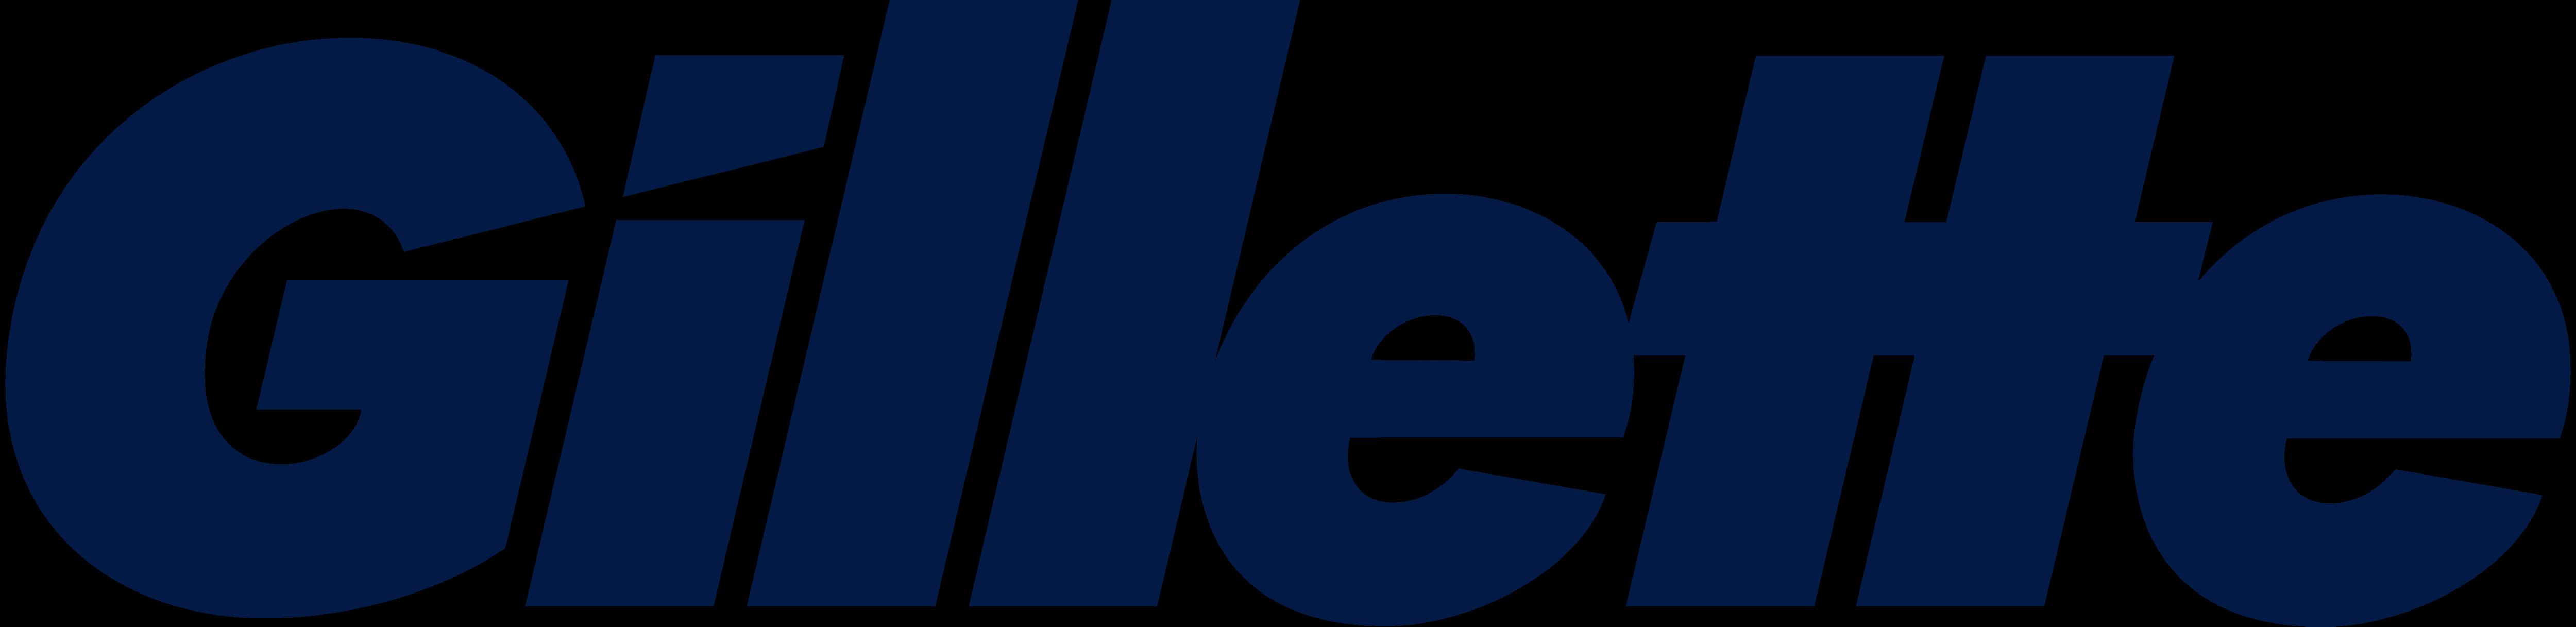 Gillette – Logos Download